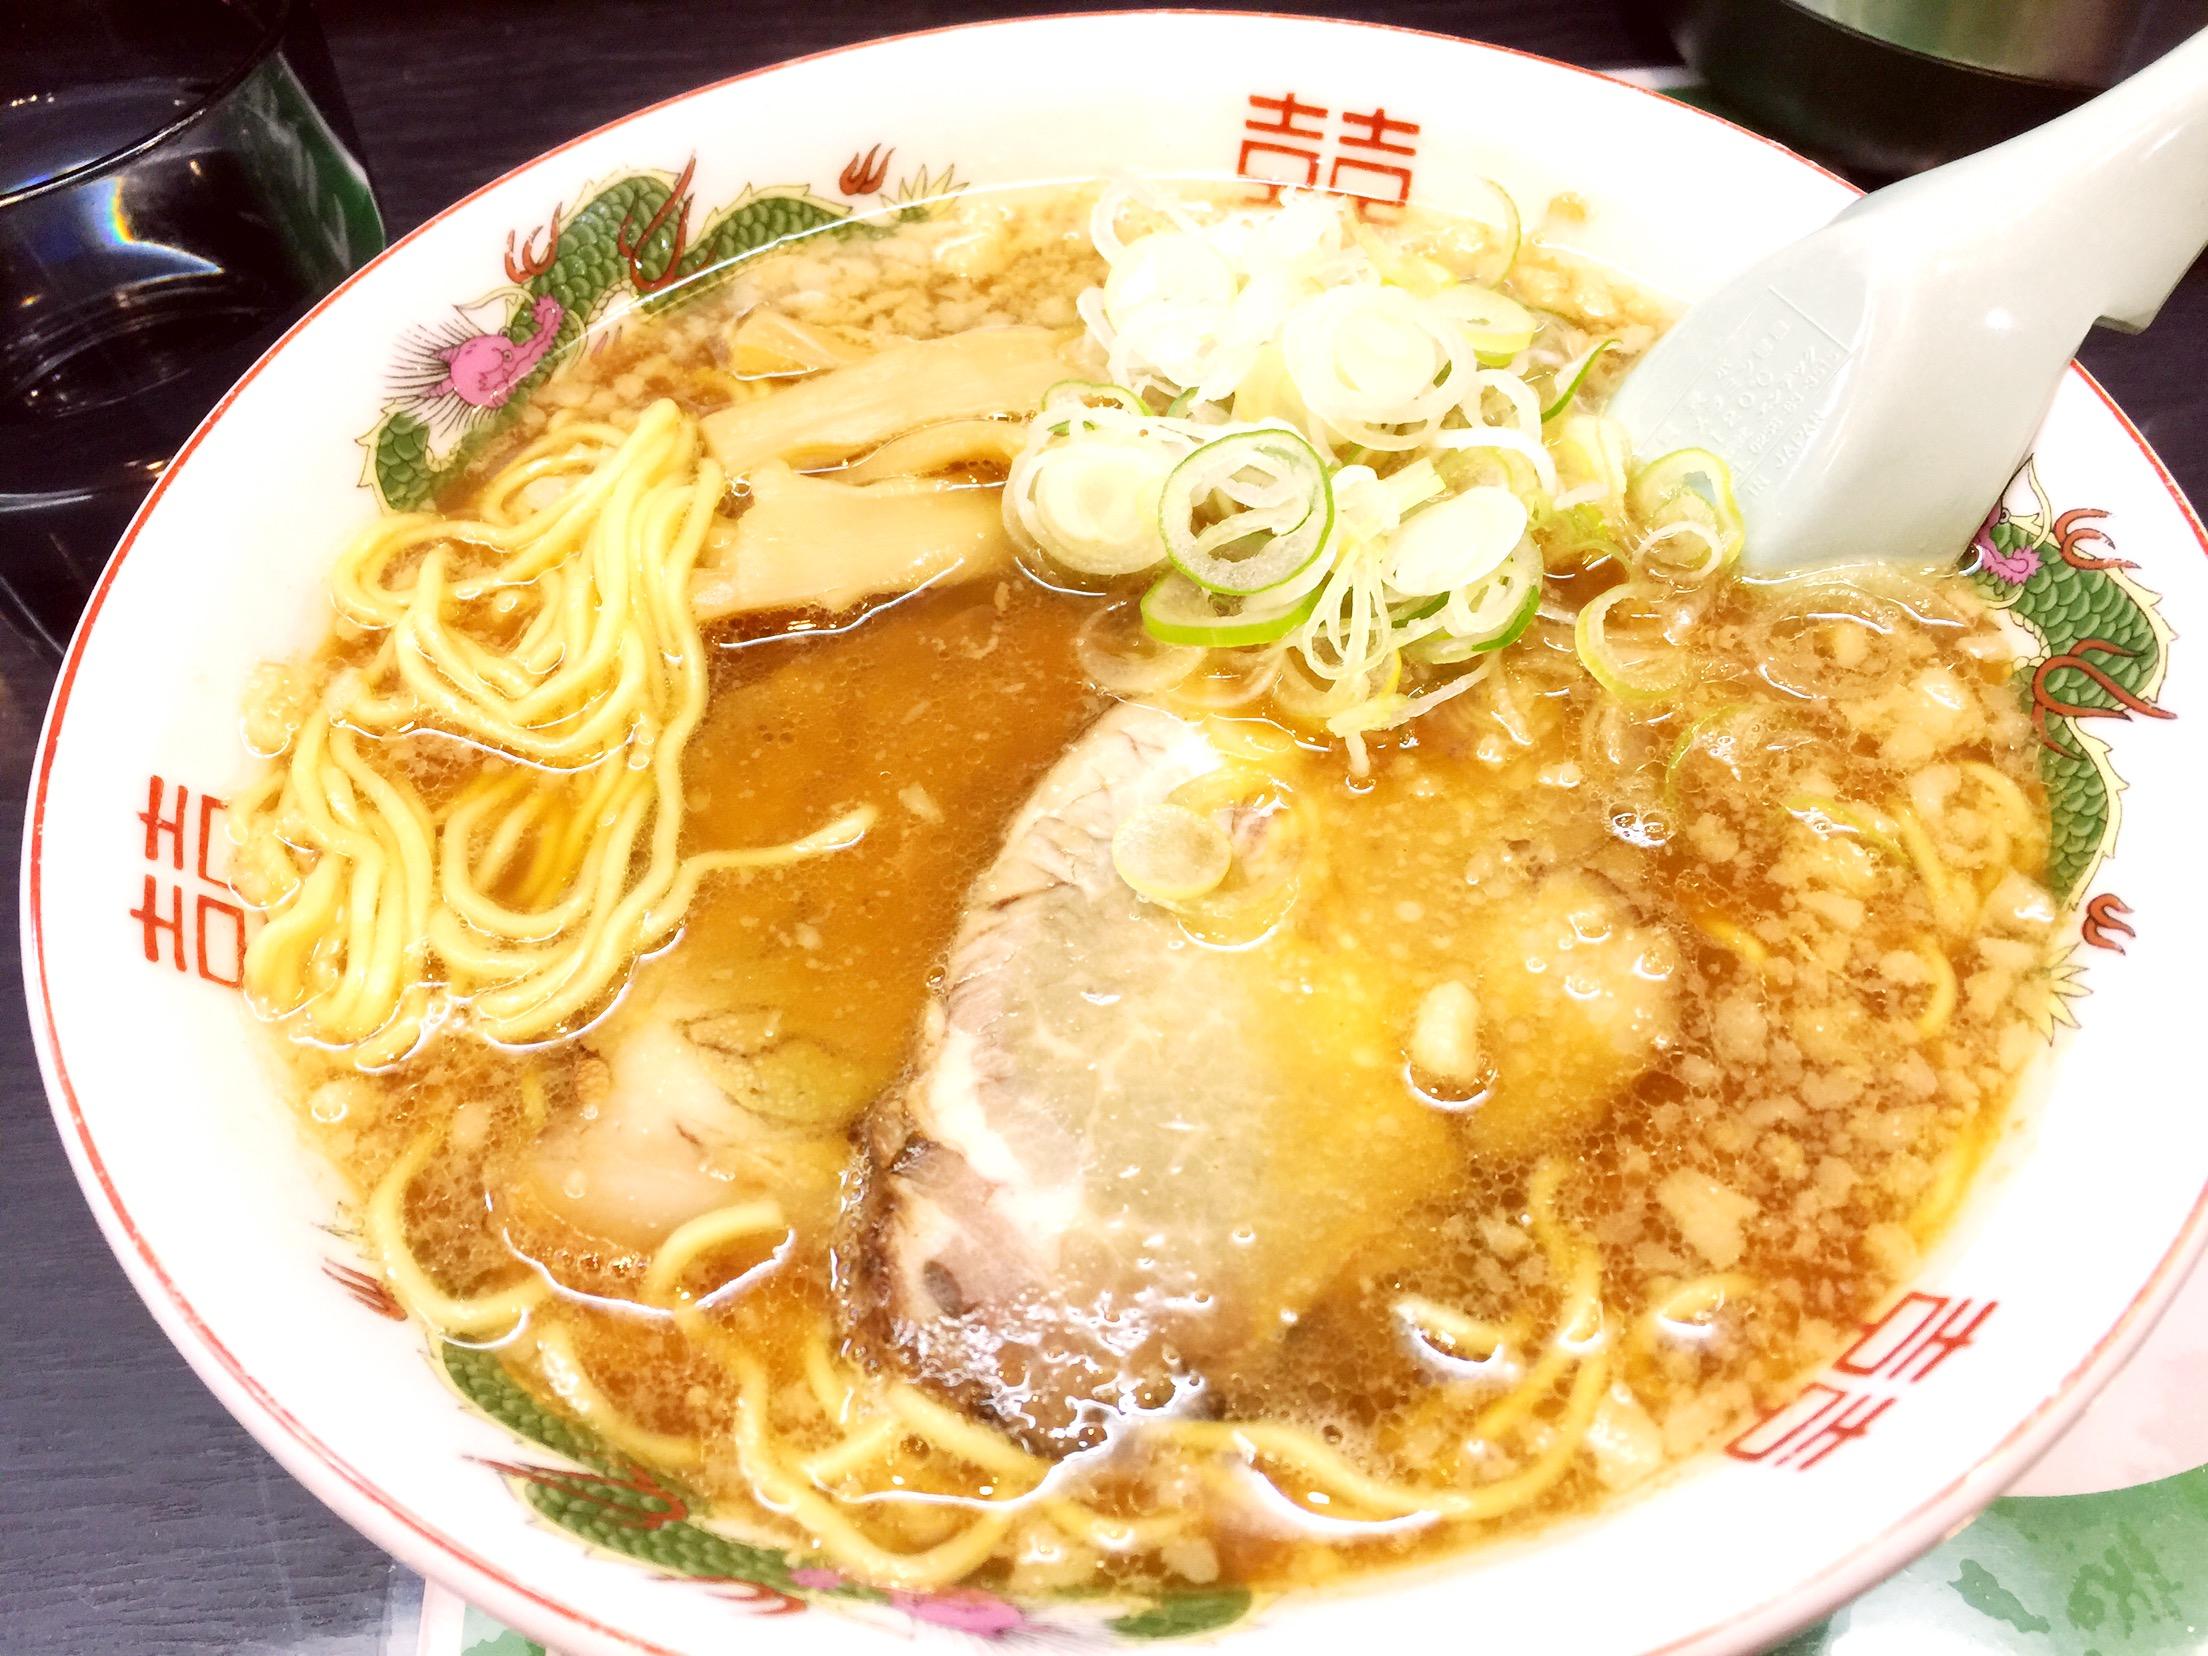 閉店ギリギリでありついた旭川ラーメンは、味より旅の醍醐味としての記憶の方が深く残った